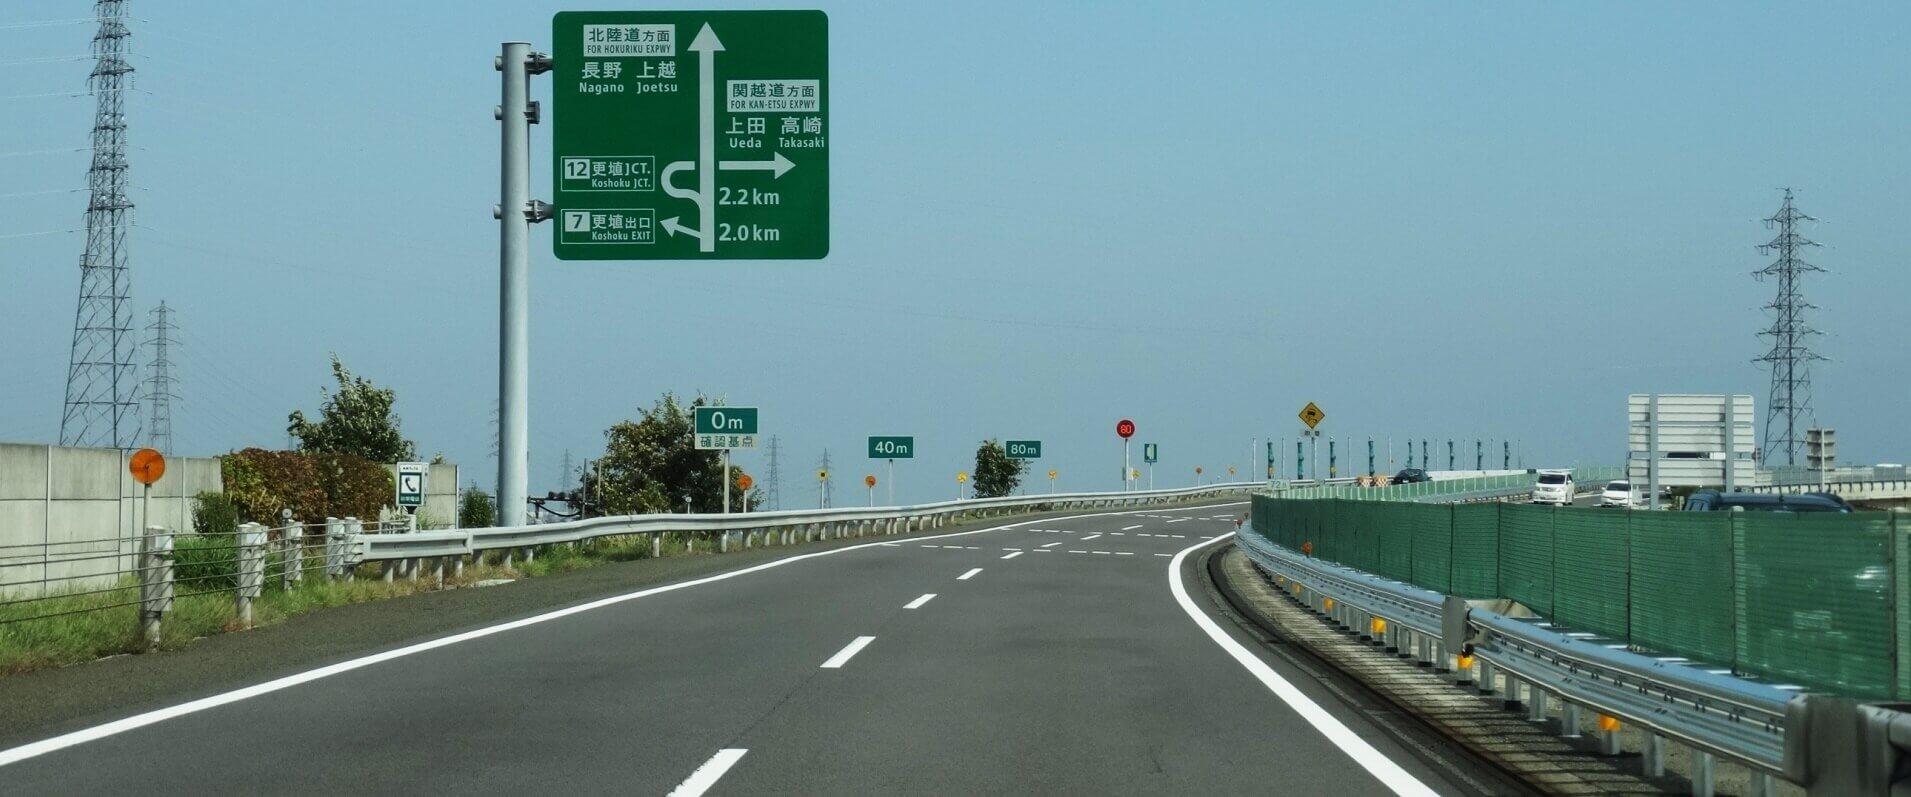 函館市から苫小牧市までの道